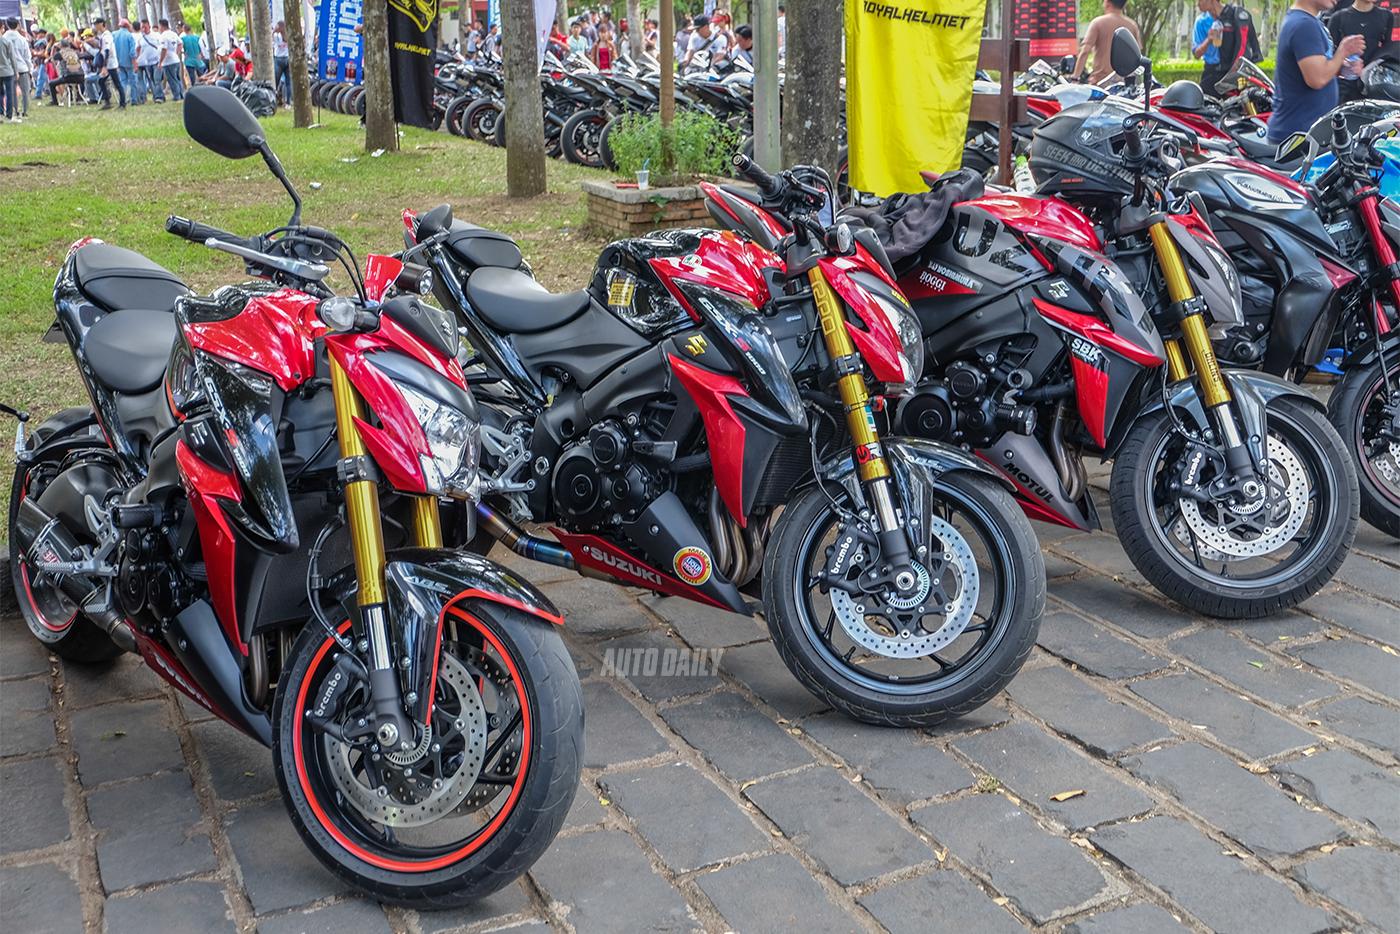 vietnam-motor-festival-2018-27.jpg